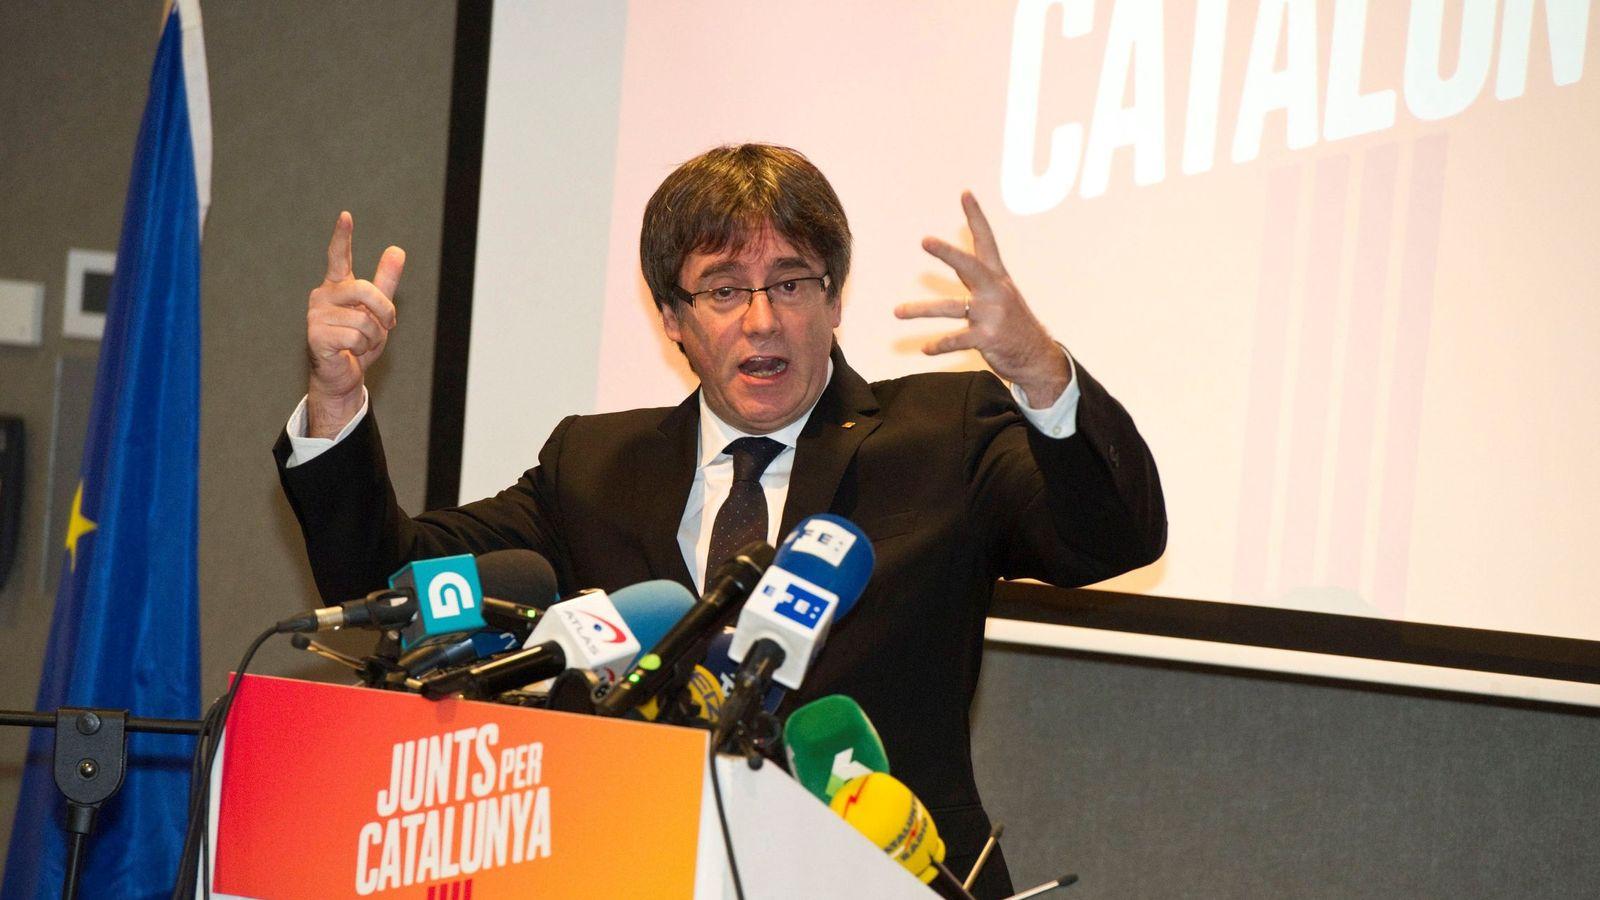 Foto: El expresidente de la Generalitat de Cataluña Carles Puigdemont, durante una rueda de prensa en Brujas, Bélgica. (EFE)